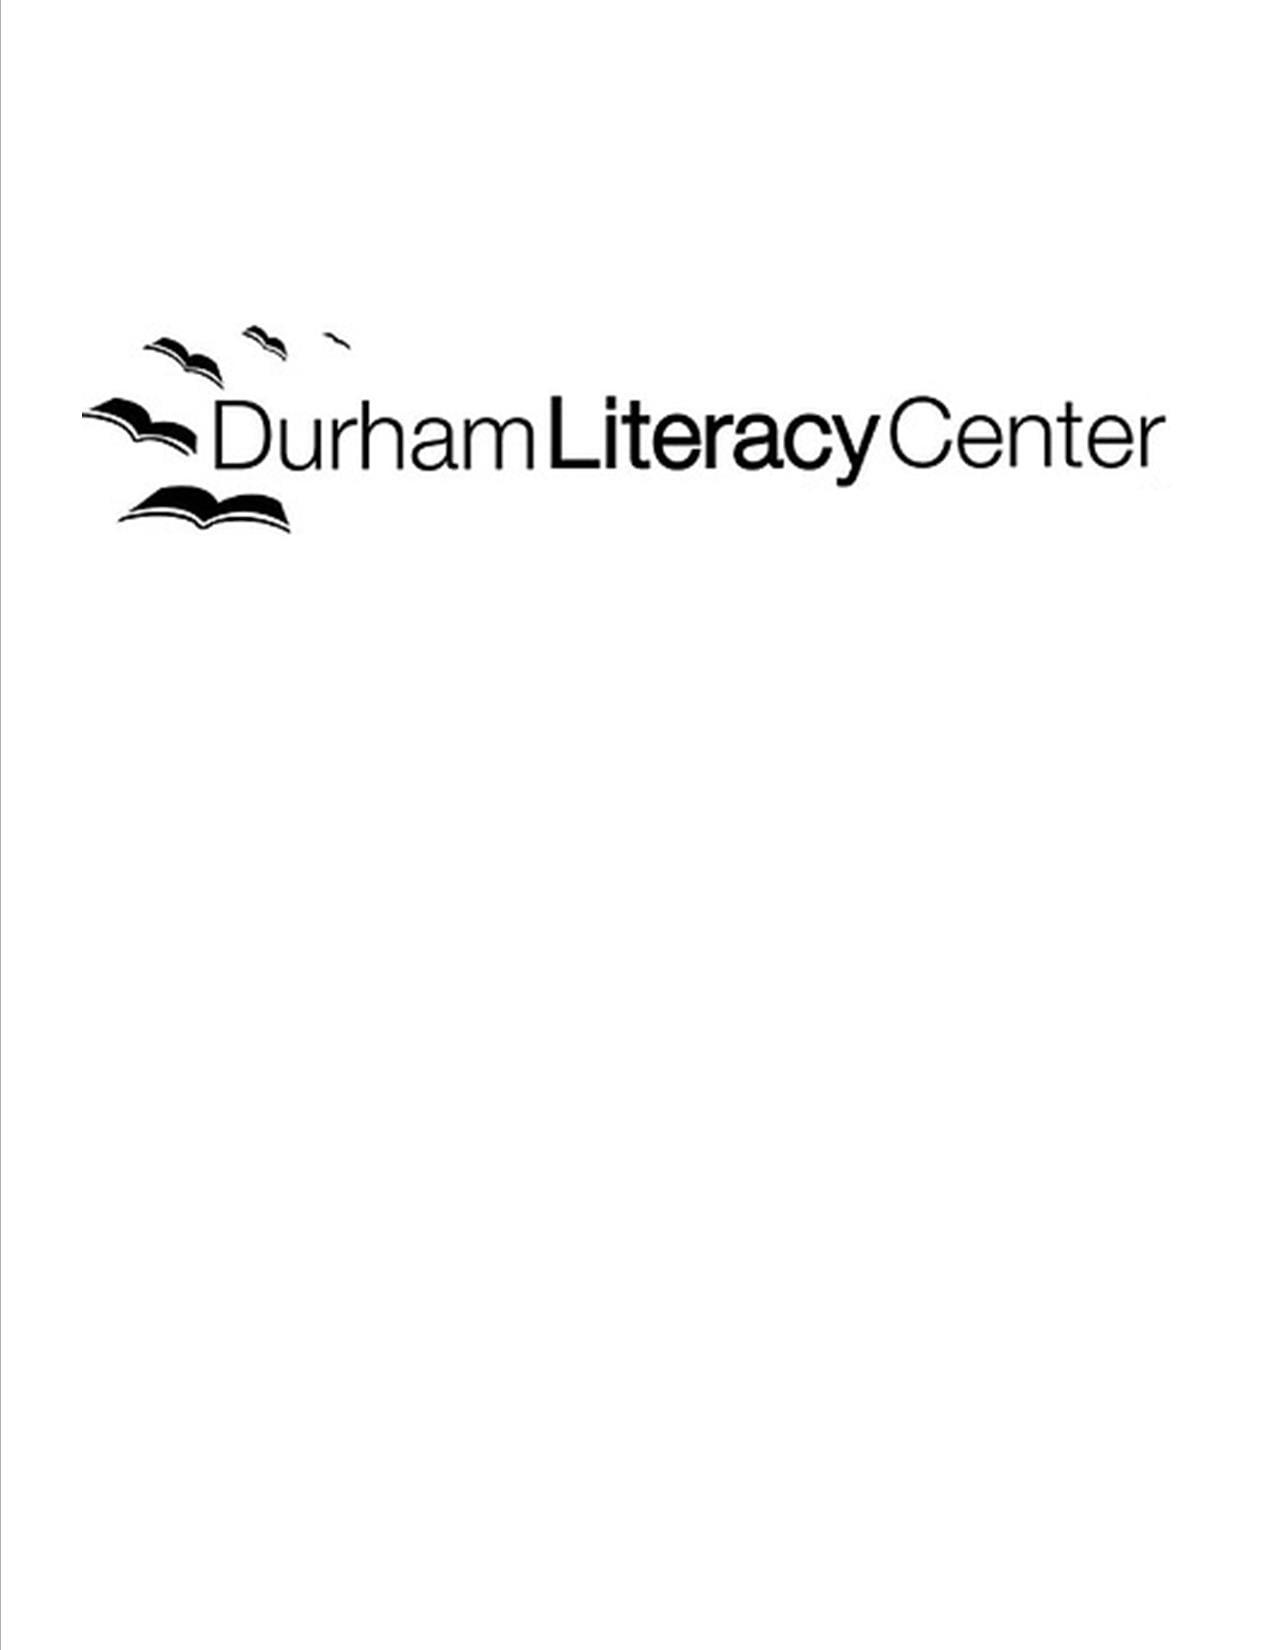 www. durhamliteracy .org